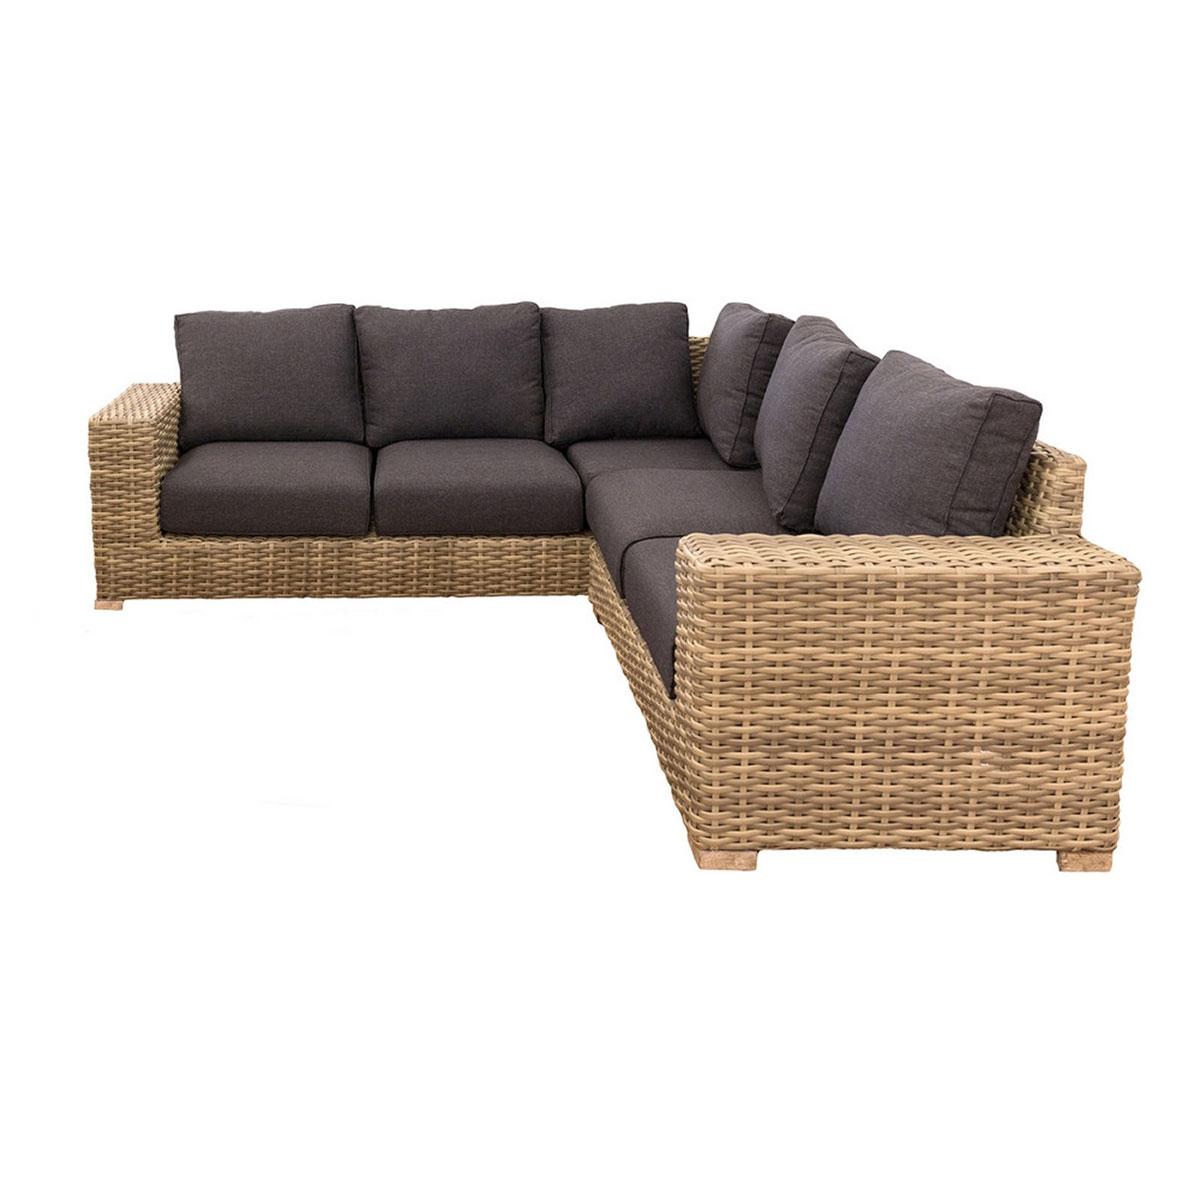 Canapé d'angle et d'extérieur en rotin - Marron - 246.00 cm x 246.00 cm x 74.00 cm